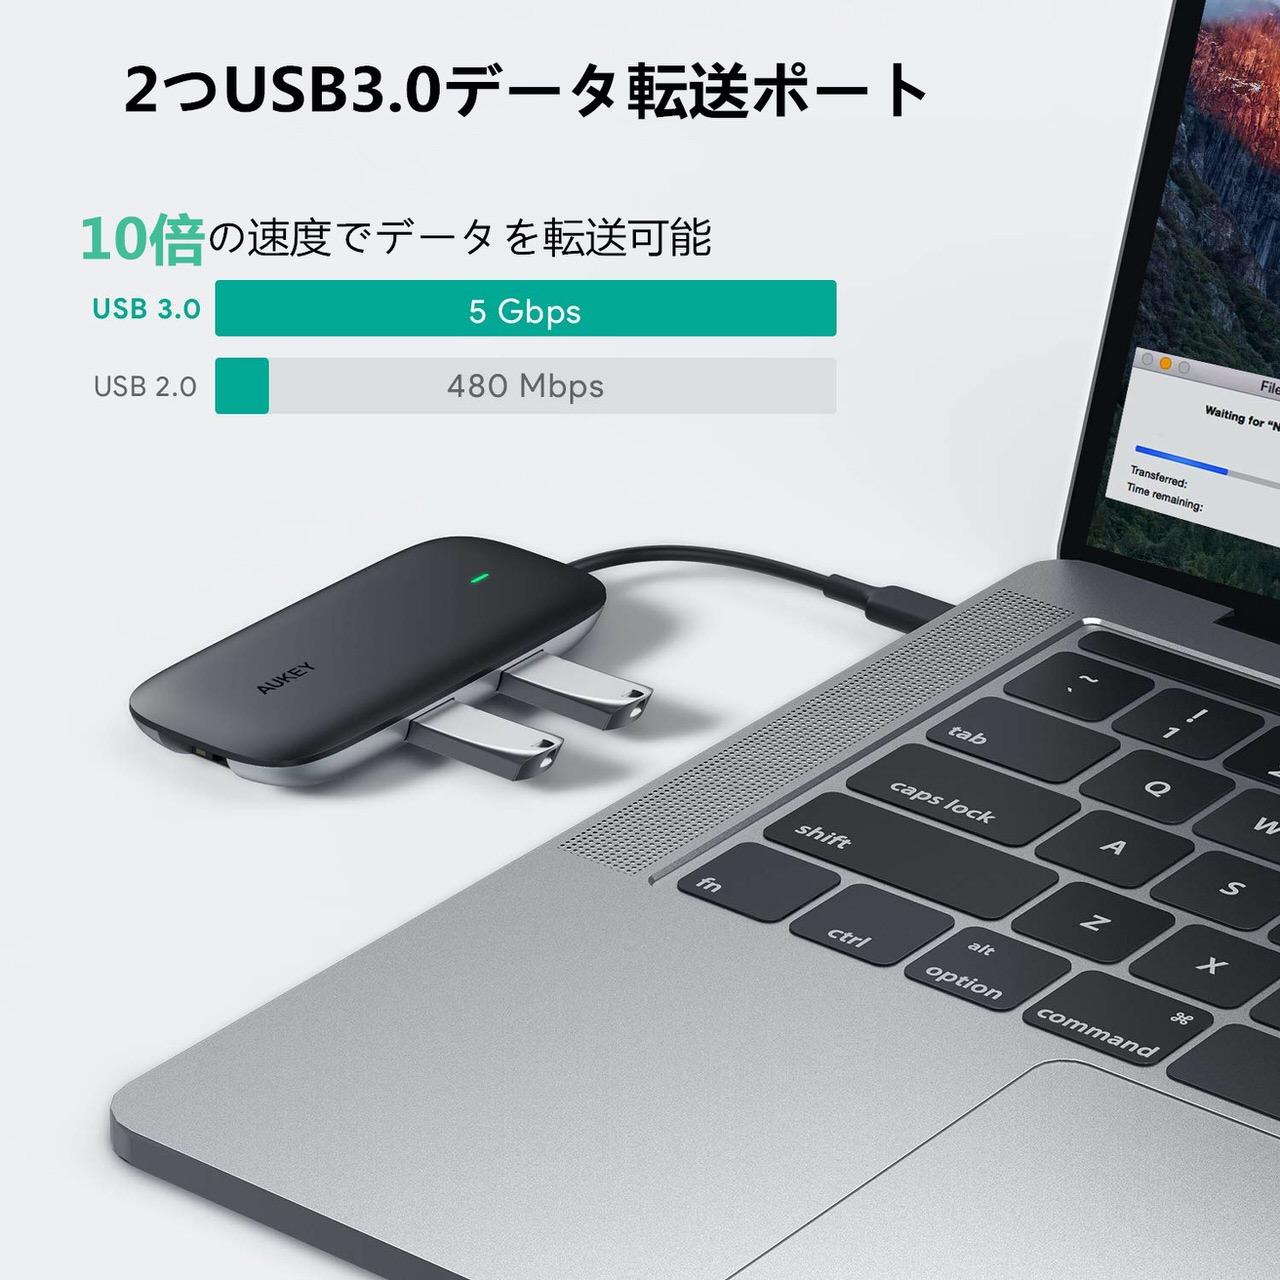 ギガビットイーサネット有線LANポート付きの4-in-1 USB-Cハブ「AUKEY CB-C74」がAmazonで40%オフ